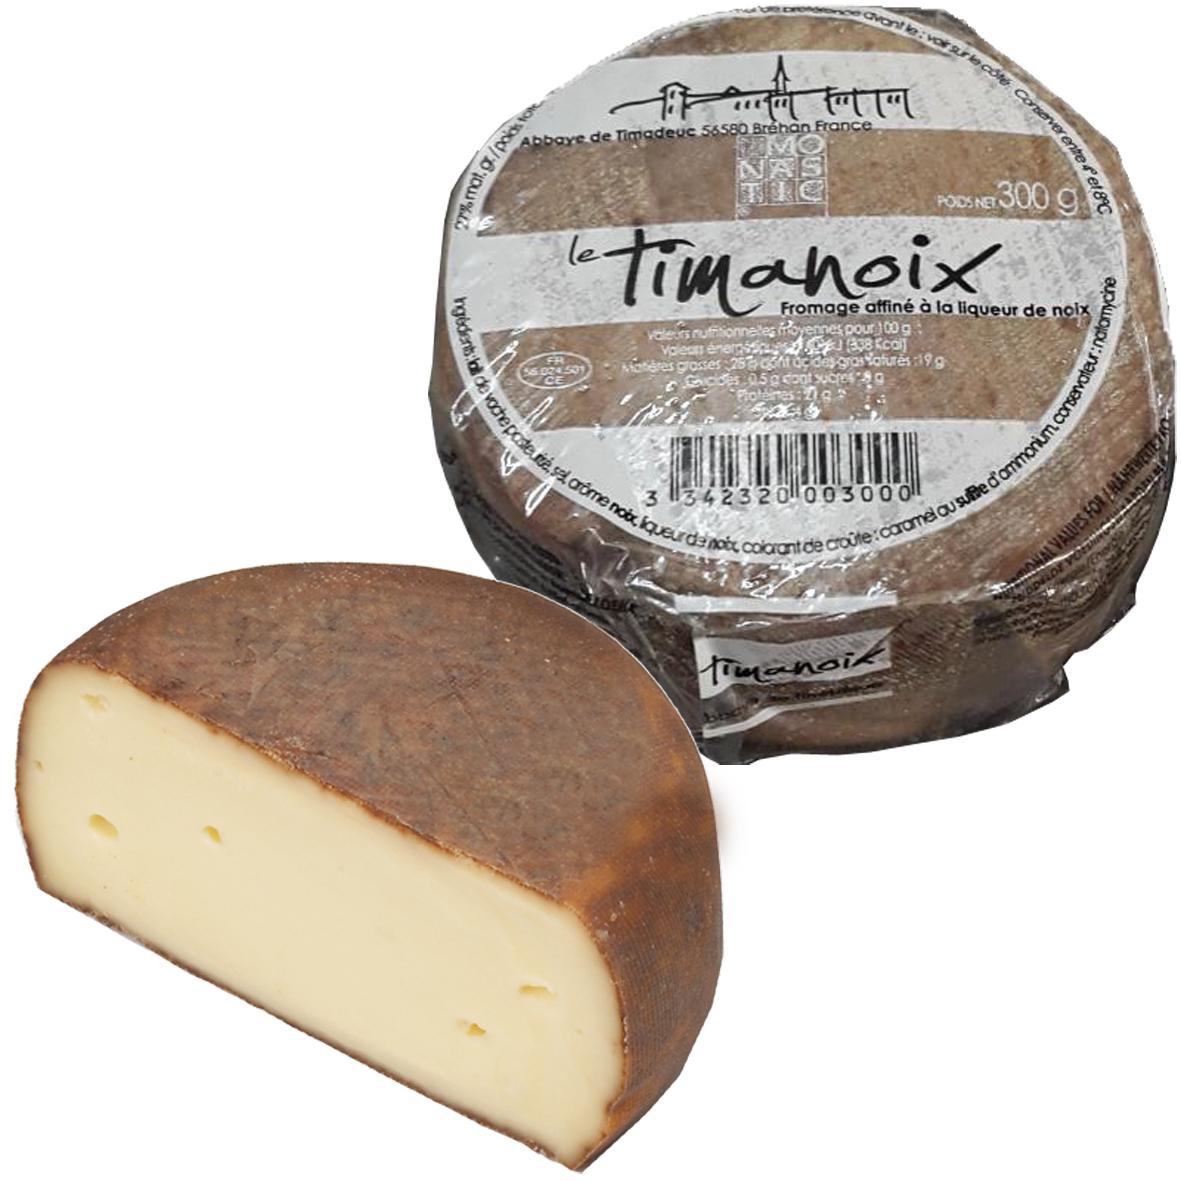 TIMANOIX - Schnittkäse aus dem Périgord. Dieser Käse wird mit Nusswasser verfeinert und ist die perfekte Verbindung zweier typischer Produkte der Region: Käse und Nüsse aus dem Périgord.